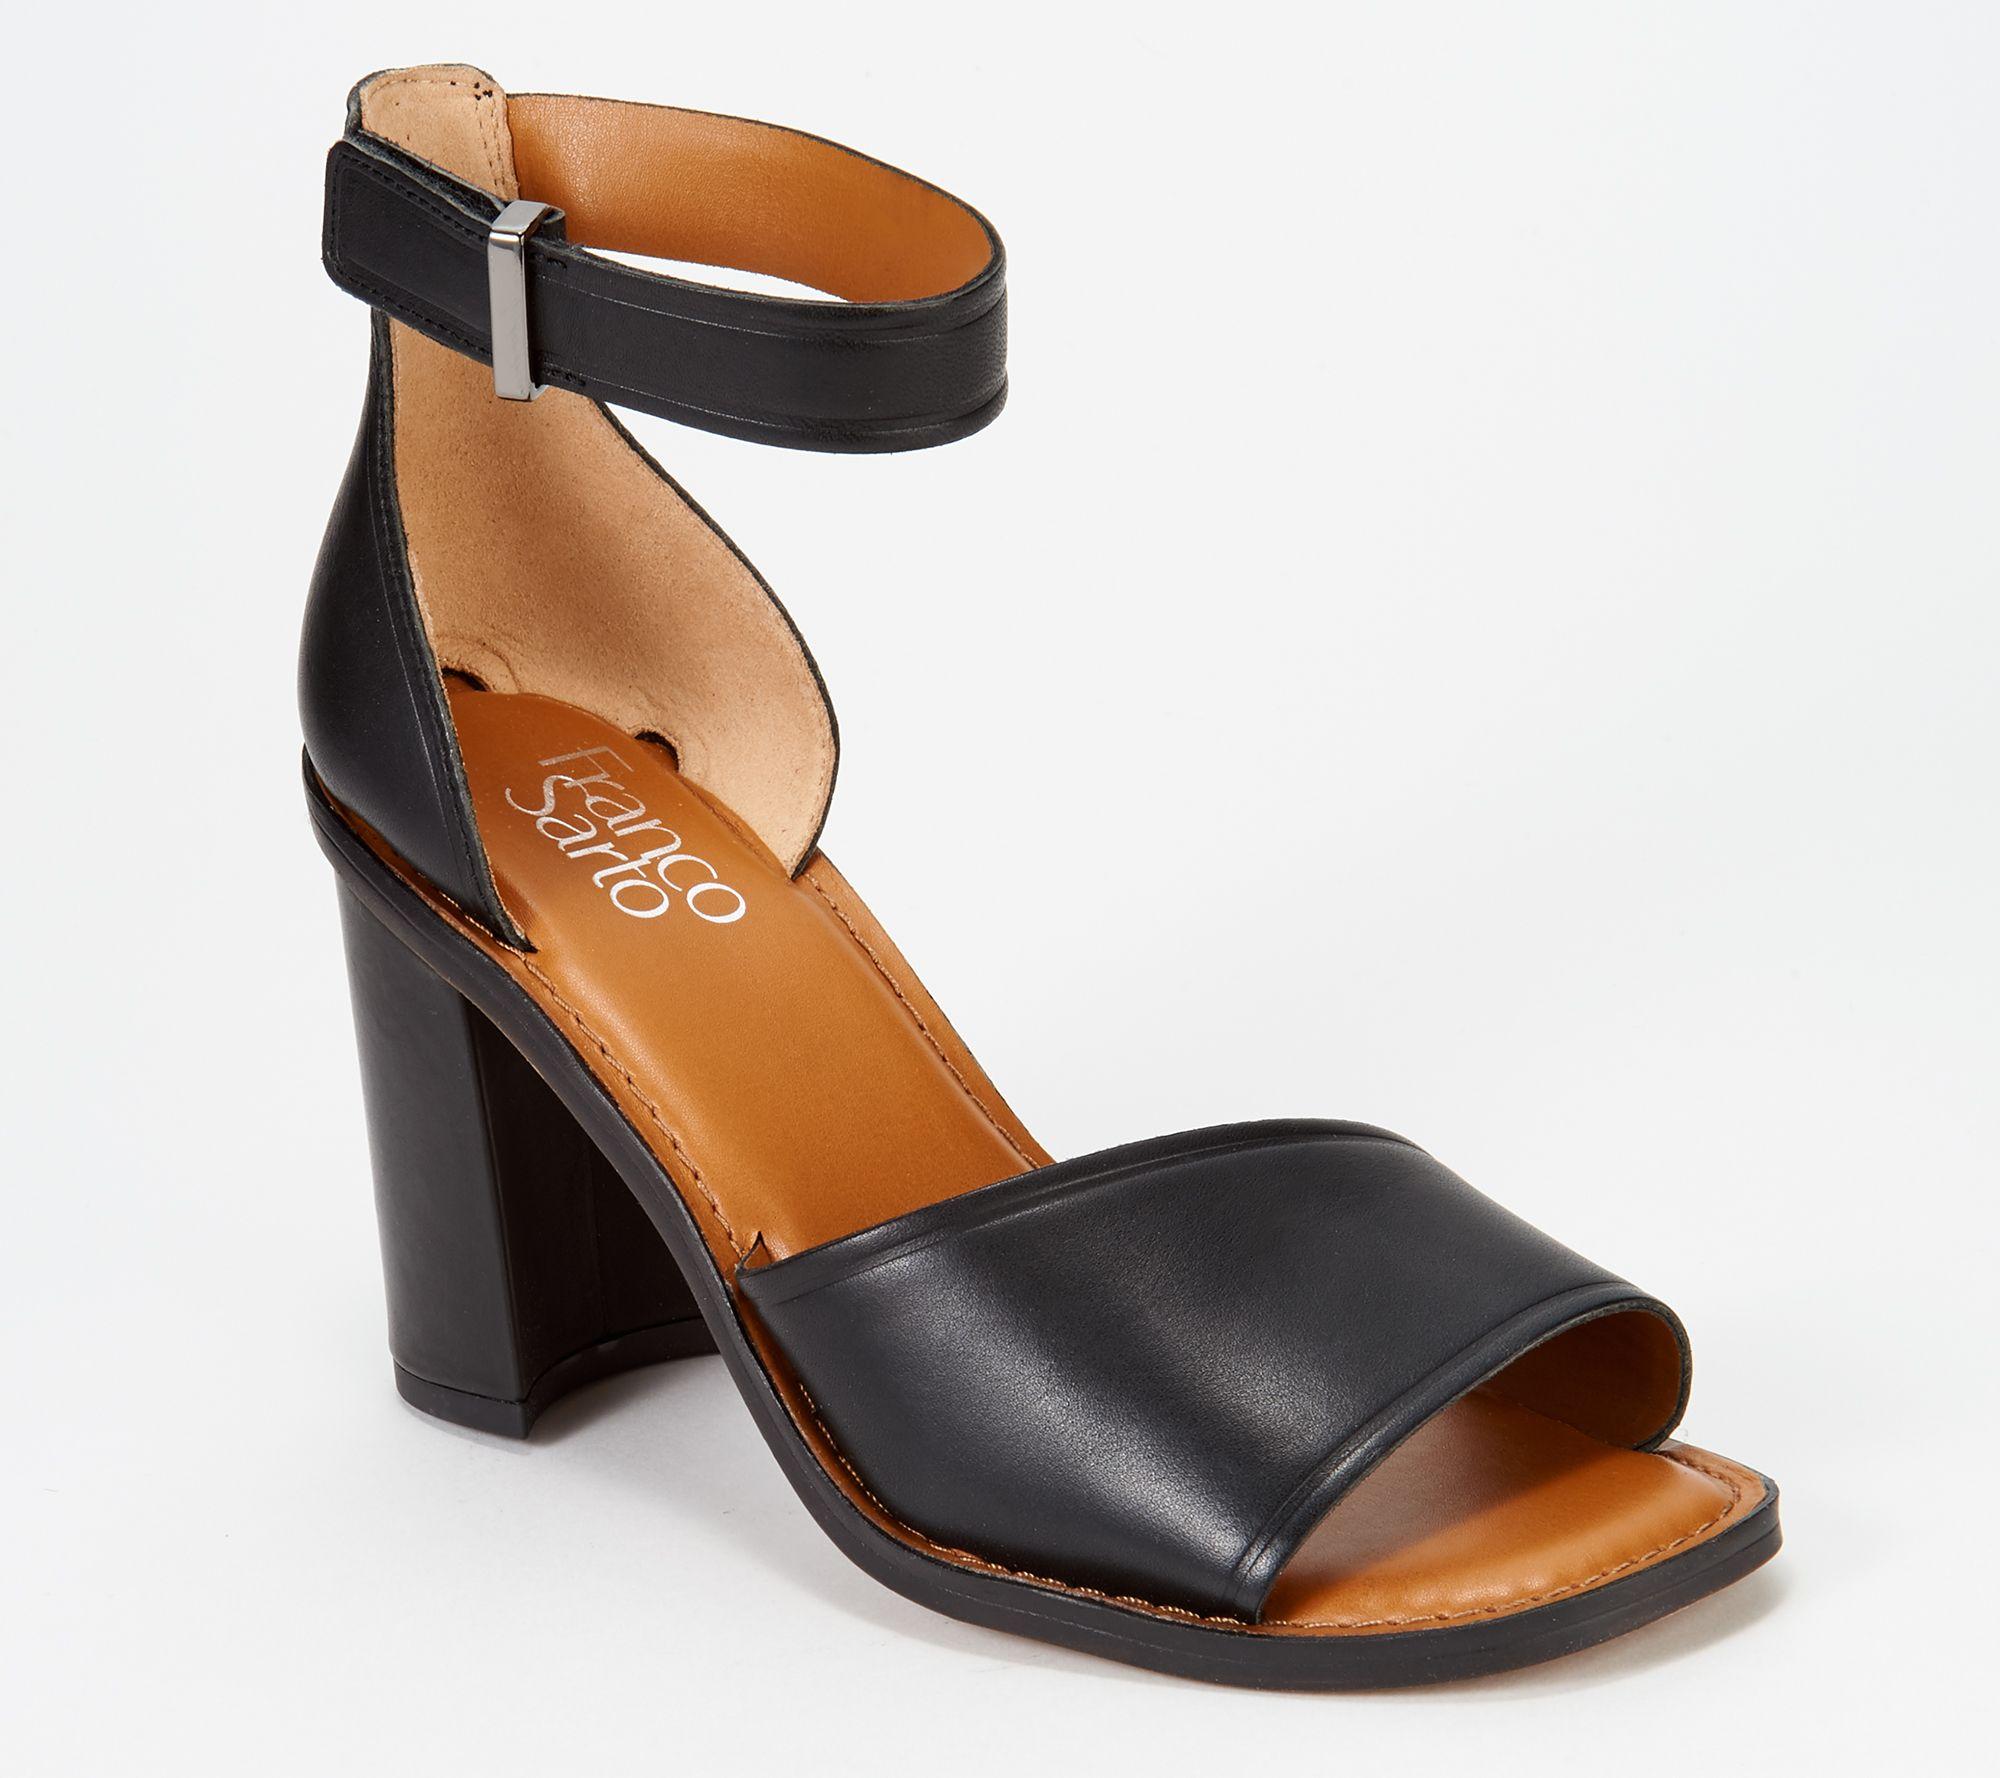 b0374d59d00 Franco Sarto Block Heeled Sandals - Caia - Page 1 — QVC.com